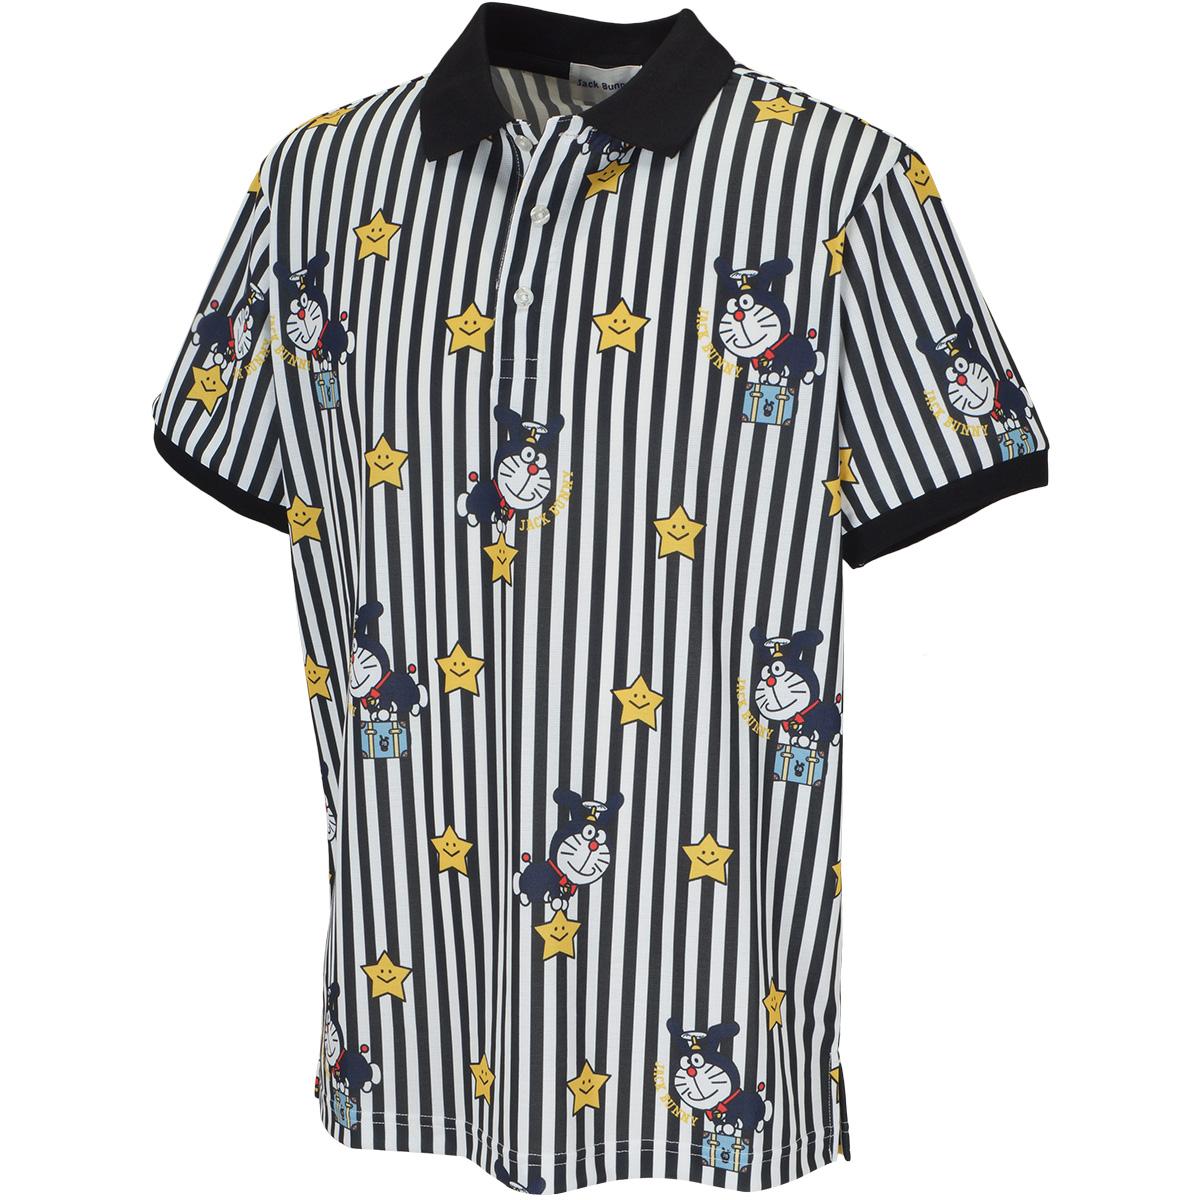 ドラえもん ドライマスター鹿の子 半袖ポロシャツ